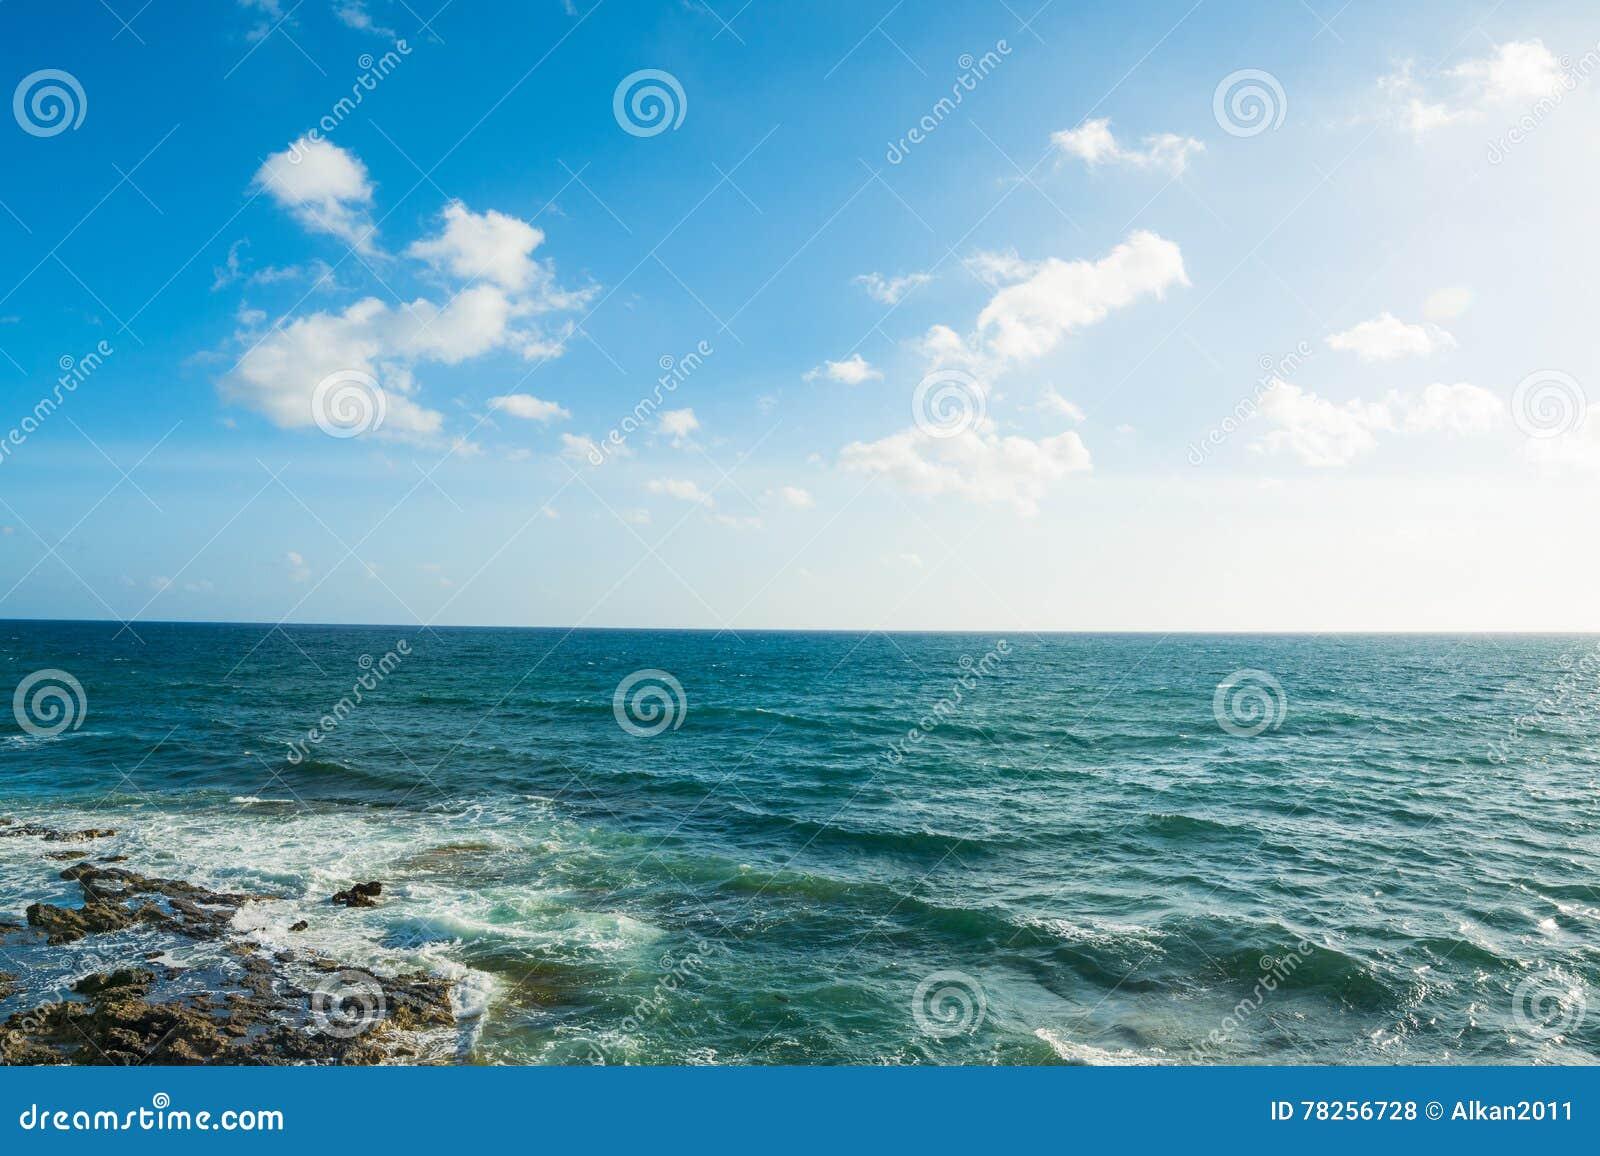 Τυρκουάζ θάλασσα κάτω από έναν μπλε ουρανό